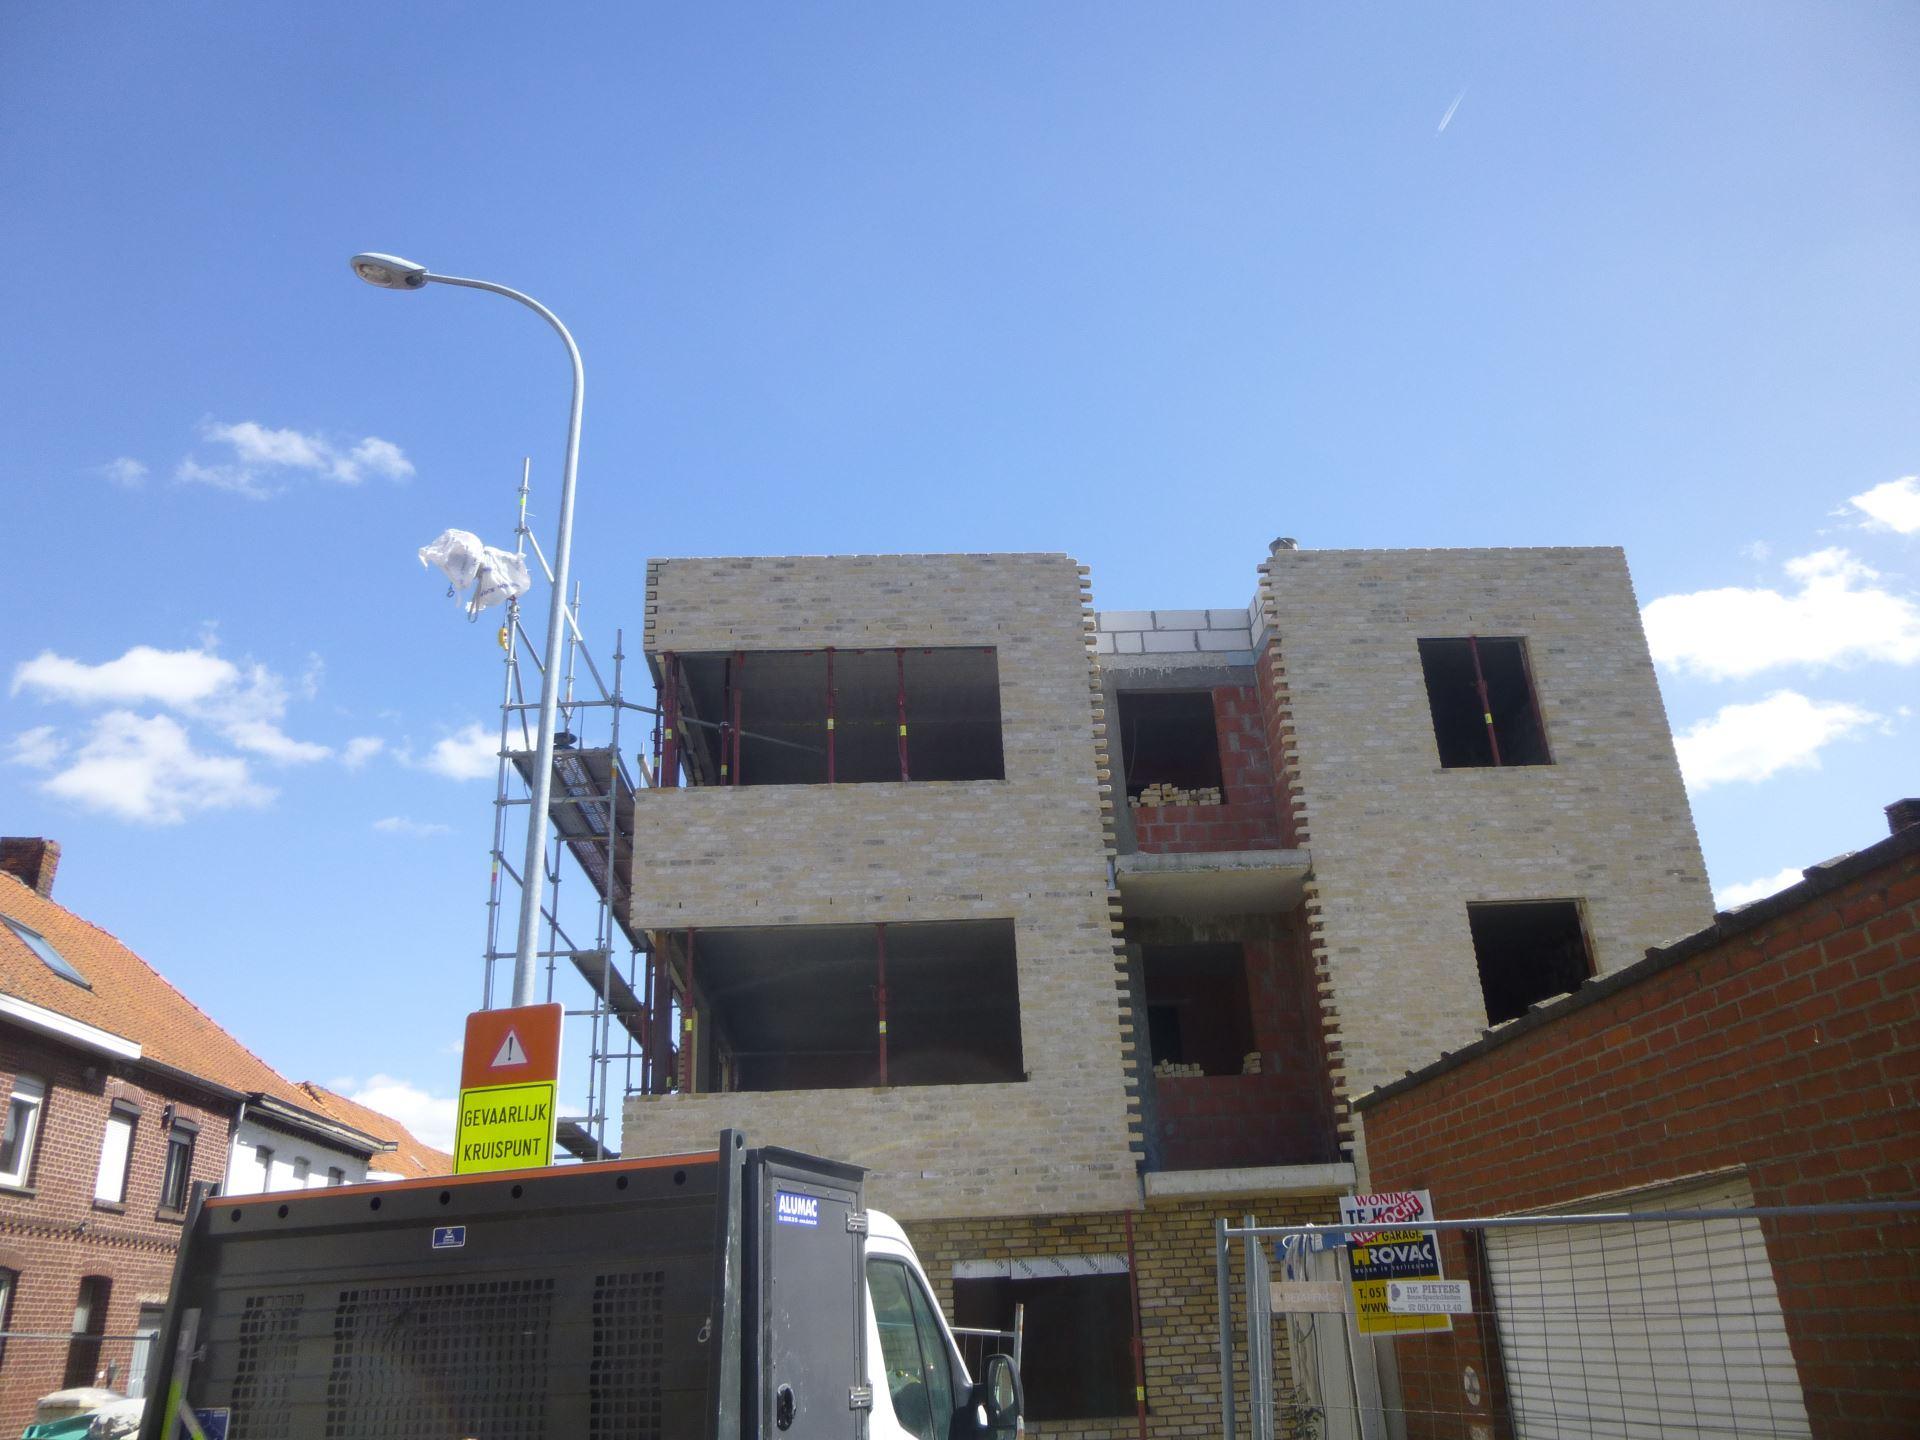 http://www.cokelaerebouwteam.be/wp-content/uploads/2015/04/project_nieuwbouw_appartementen_bouw_cokelaerebouwteam_3.jpg